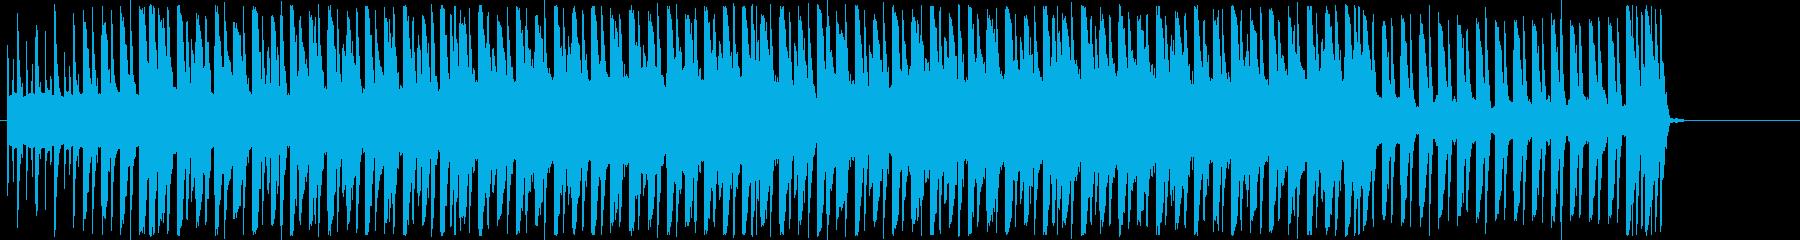 宇宙を感じるスピードあるポップスの再生済みの波形